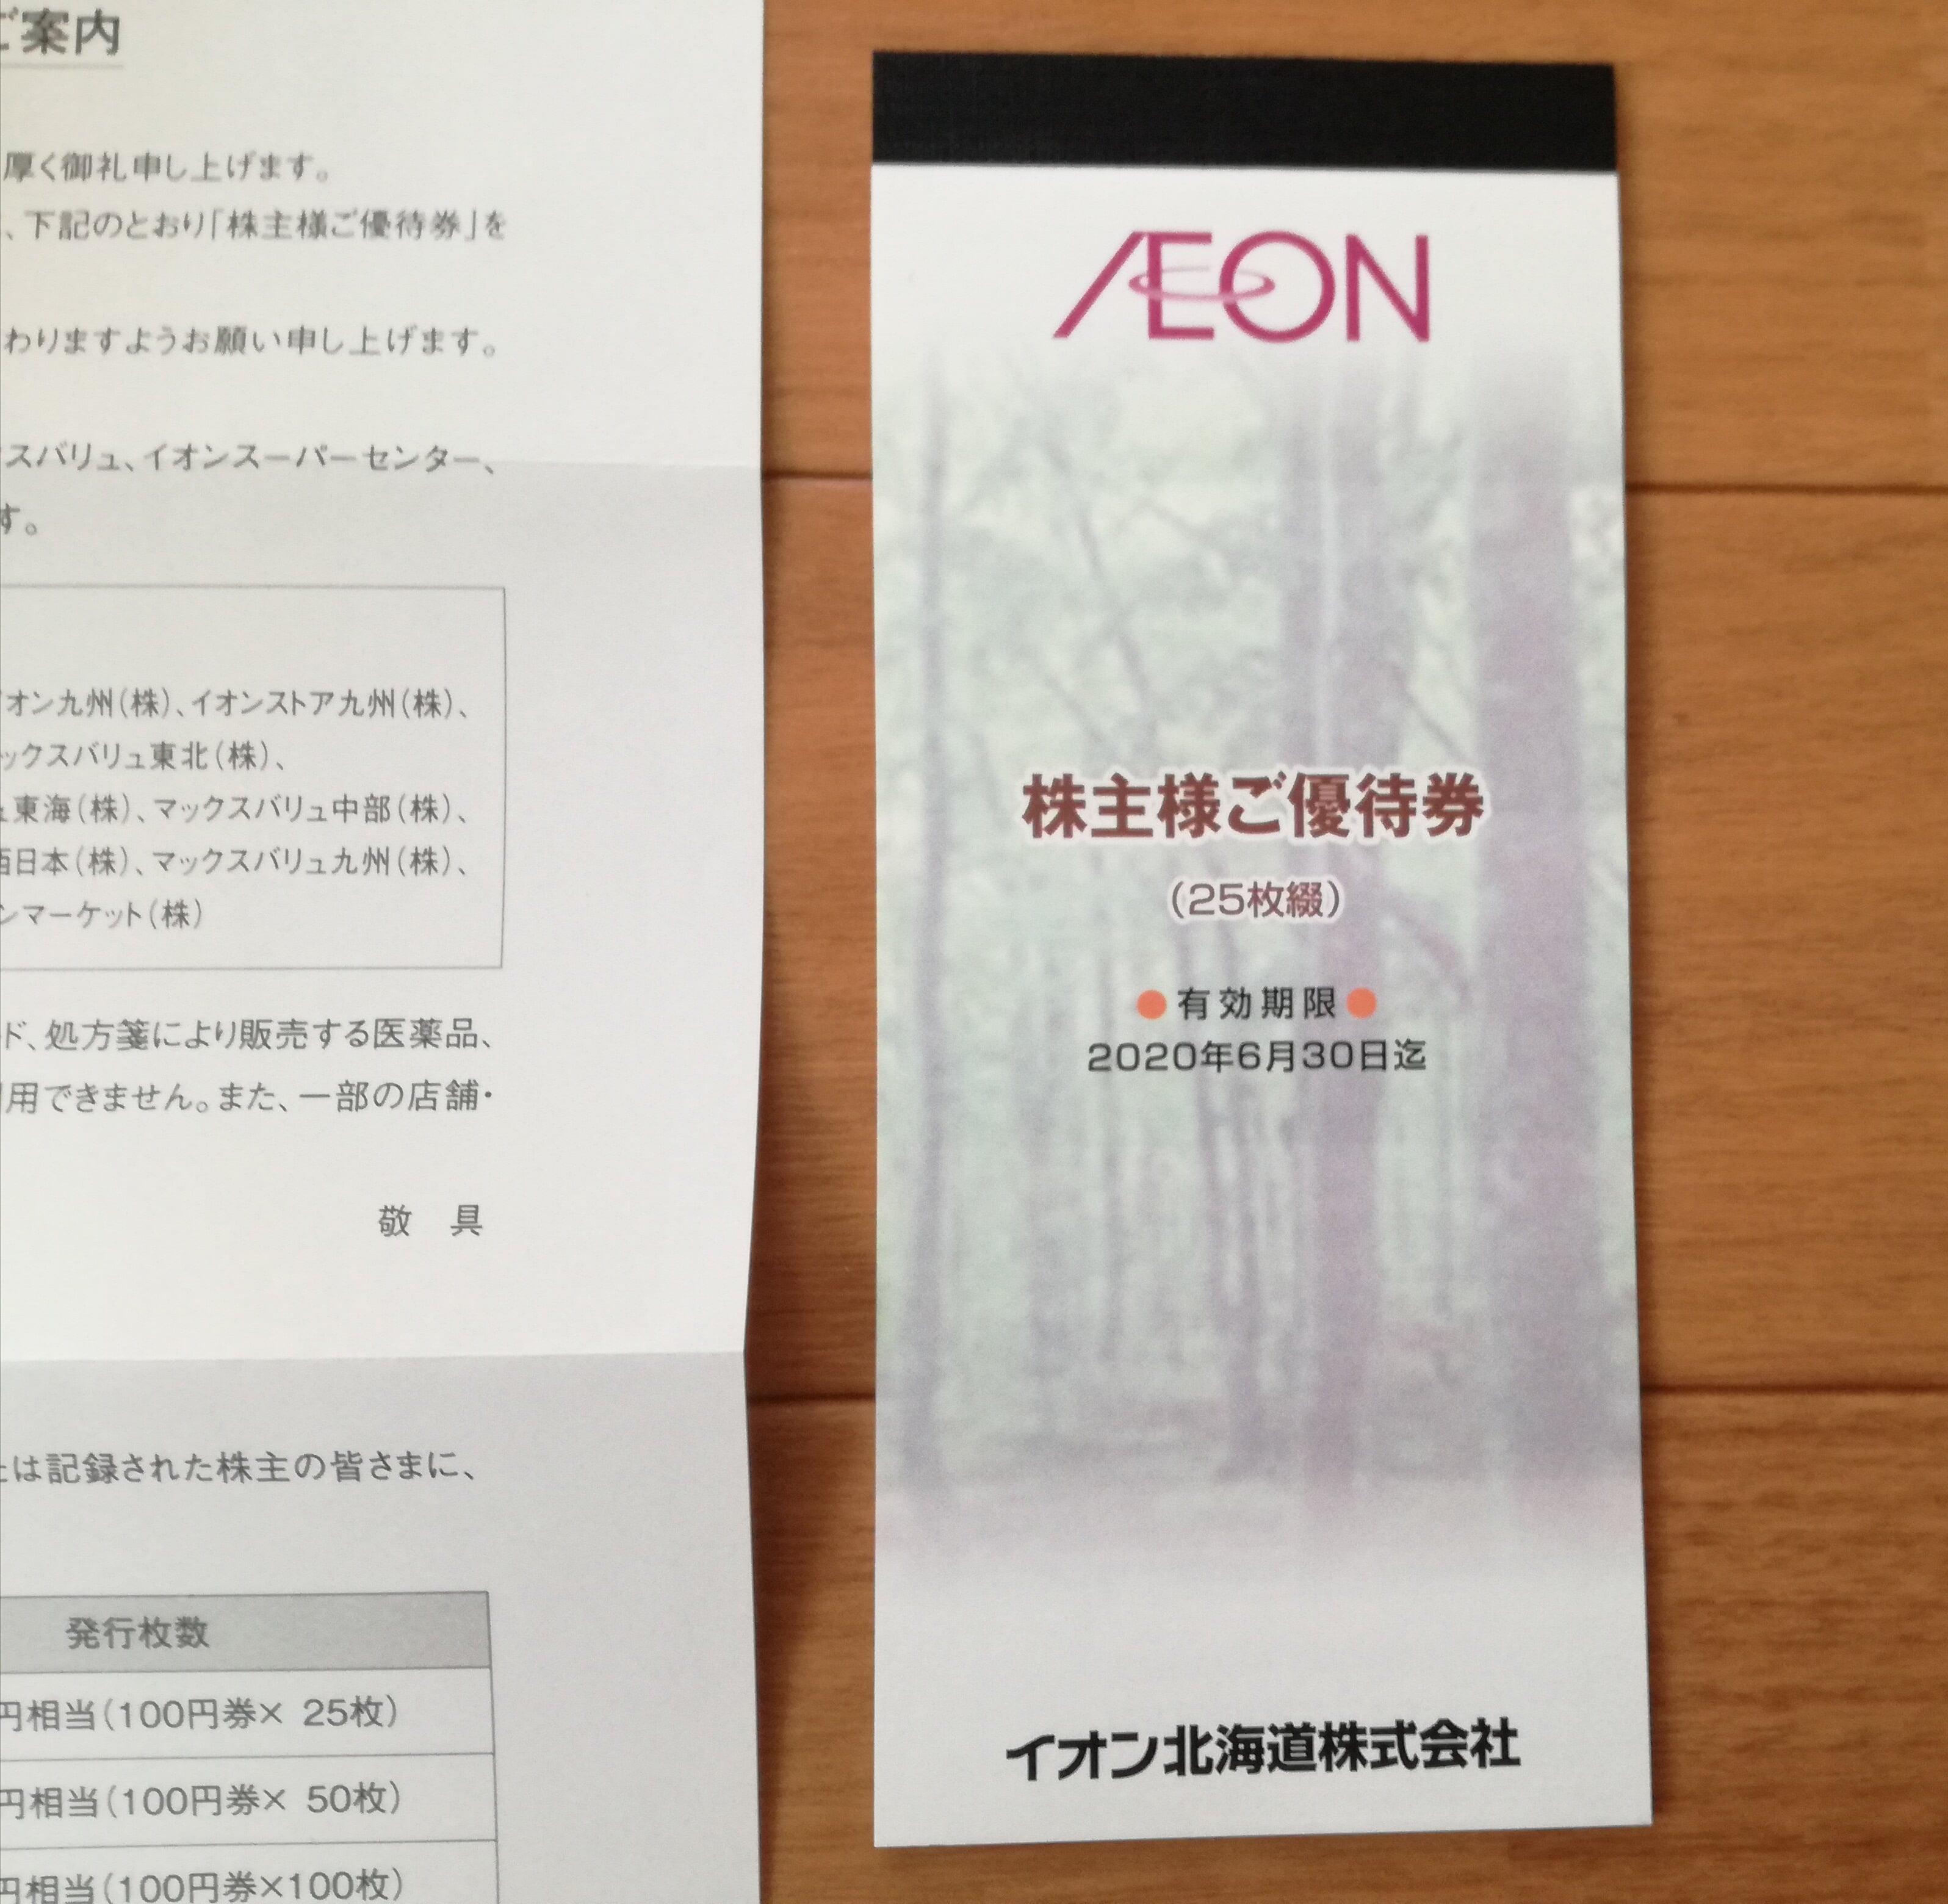 イオン北海道(7512)の株主優待券2,500円分が到着!子どもの文房具や靴を買うのに重宝します!